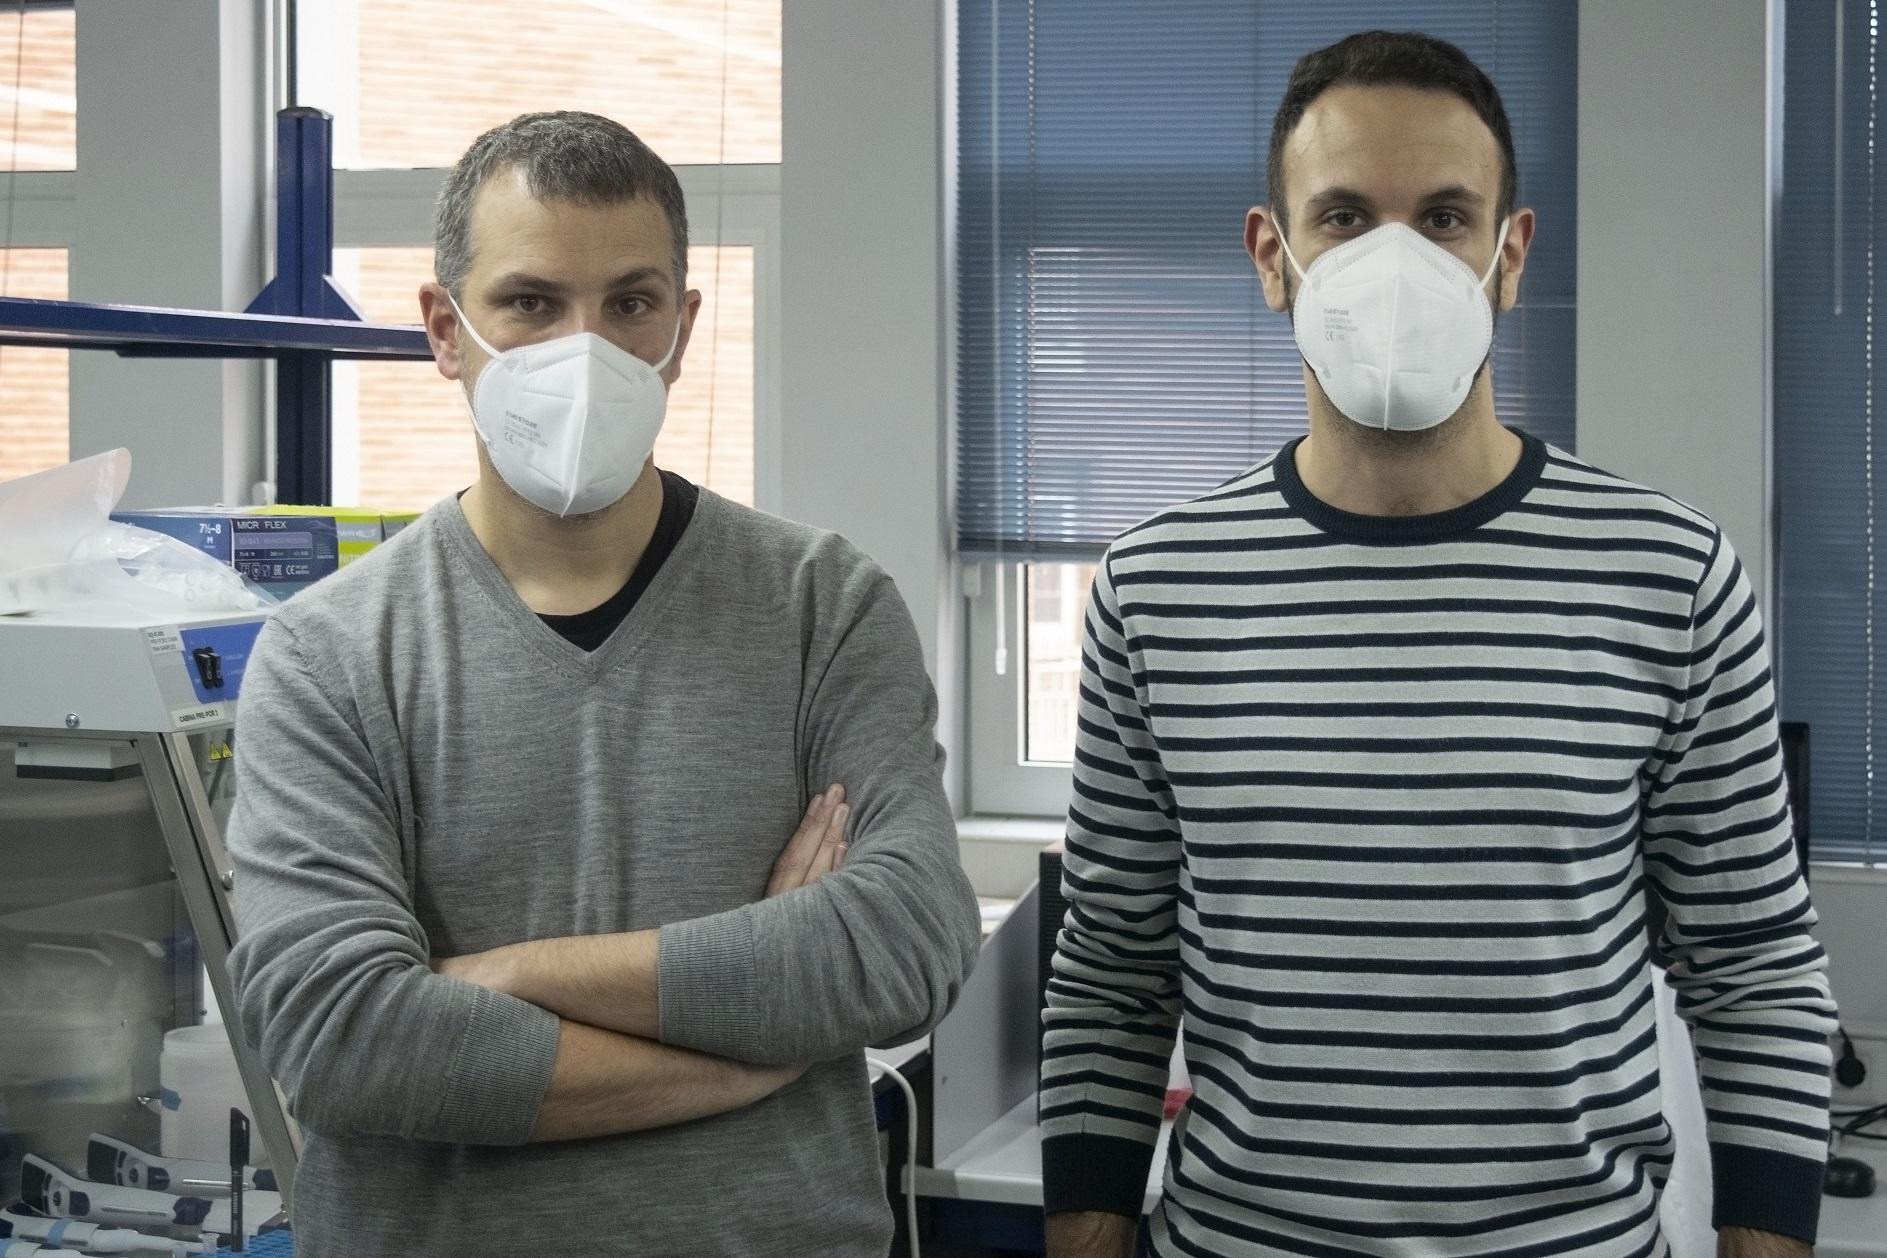 Iñaki Comas y Miguel Moreno Molina, investigadores del Instituto de Biomedicina de Valencia